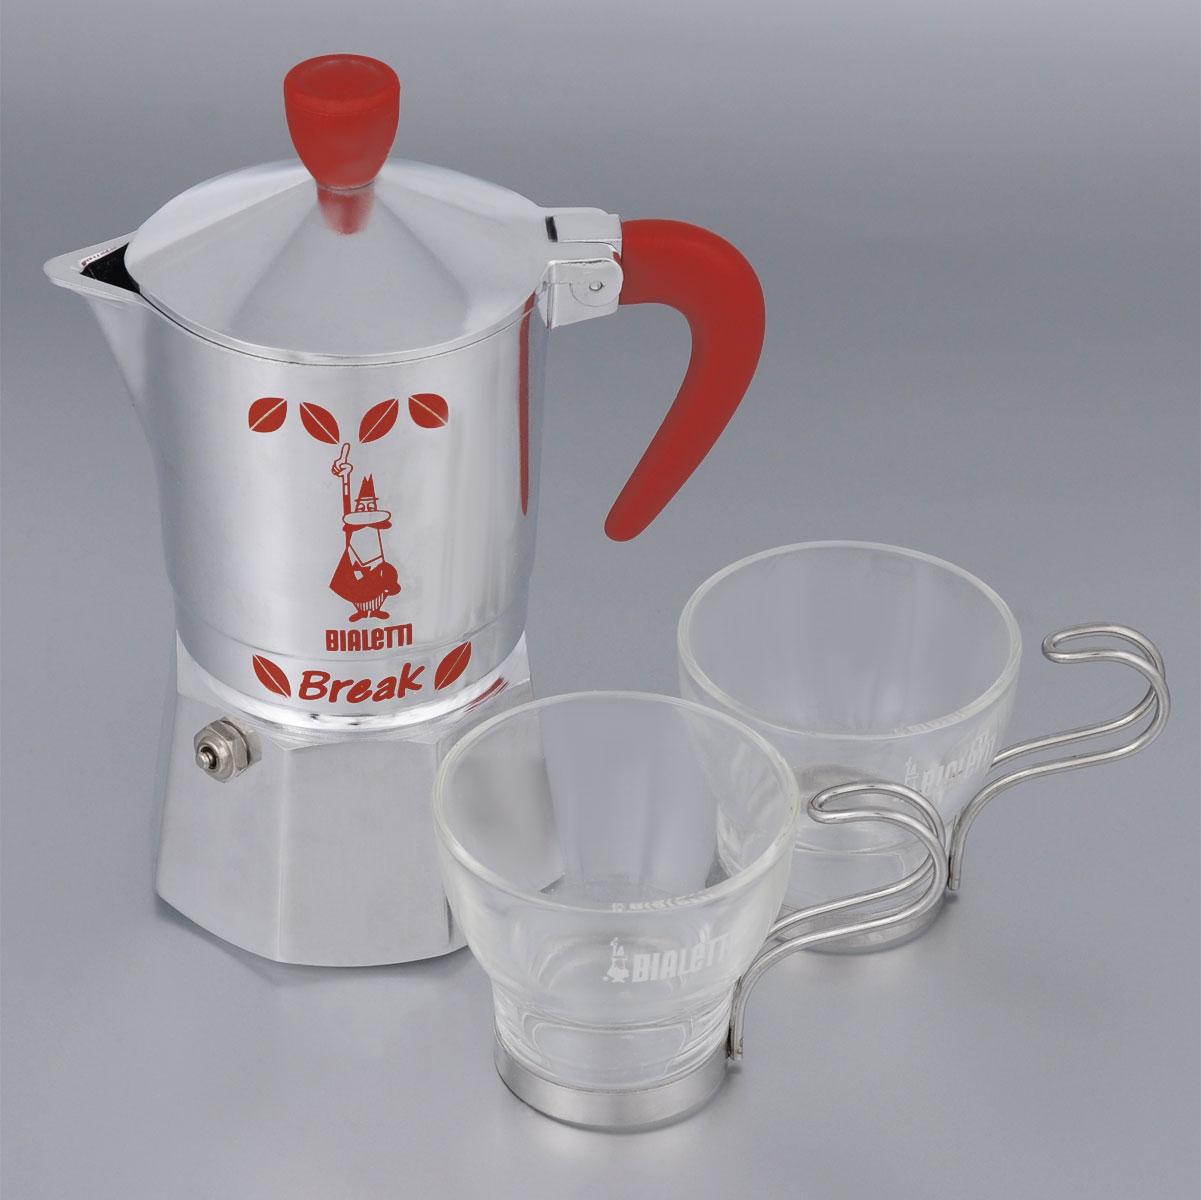 Набор посуды Bialetti Break and Marocchino, 3 предметаVT-1520(SR)Набор посуды Bialetti Break and Marocchino включает в себя гейзерную кофеварку и 2 кофейные чашки.Компактная гейзерная кофеварка изготовлена из высококачественного алюминия. Объема кофе хватает на 2 чашки. Изделие оснащено удобной ручкой из нейлона и клапаном давления.Кружки выполнены из высококачественного стекла и оснащены металлическими ручками.Принцип работы такой гейзерной кофеварки - кофе заваривается путем многократного прохождения горячей воды или пара через слой молотого кофе. Удобство кофеварки в том, что вся кофейная гуща остается во внутренней емкости. Гейзерные кофеварки пользуются большой популярностью благодаря изысканному аромату. Кофе получается крепкий и насыщенный. Теперь и дома вы сможете насладиться великолепным эспрессо. Подходит для газовых, электрических и стеклокерамических плит. Нельзя мыть в посудомоечной машине. Высота кофеварки: 18 см.Диаметр дна кофеварки: 7,8 см.Диаметр кружек по верхнему краю: 6,6 см.Диаметр дна кружек: 4,5 см.Высота кружек: 6 см.Объем кофеварки: 250 мл.Объем чашки: 125 мл.